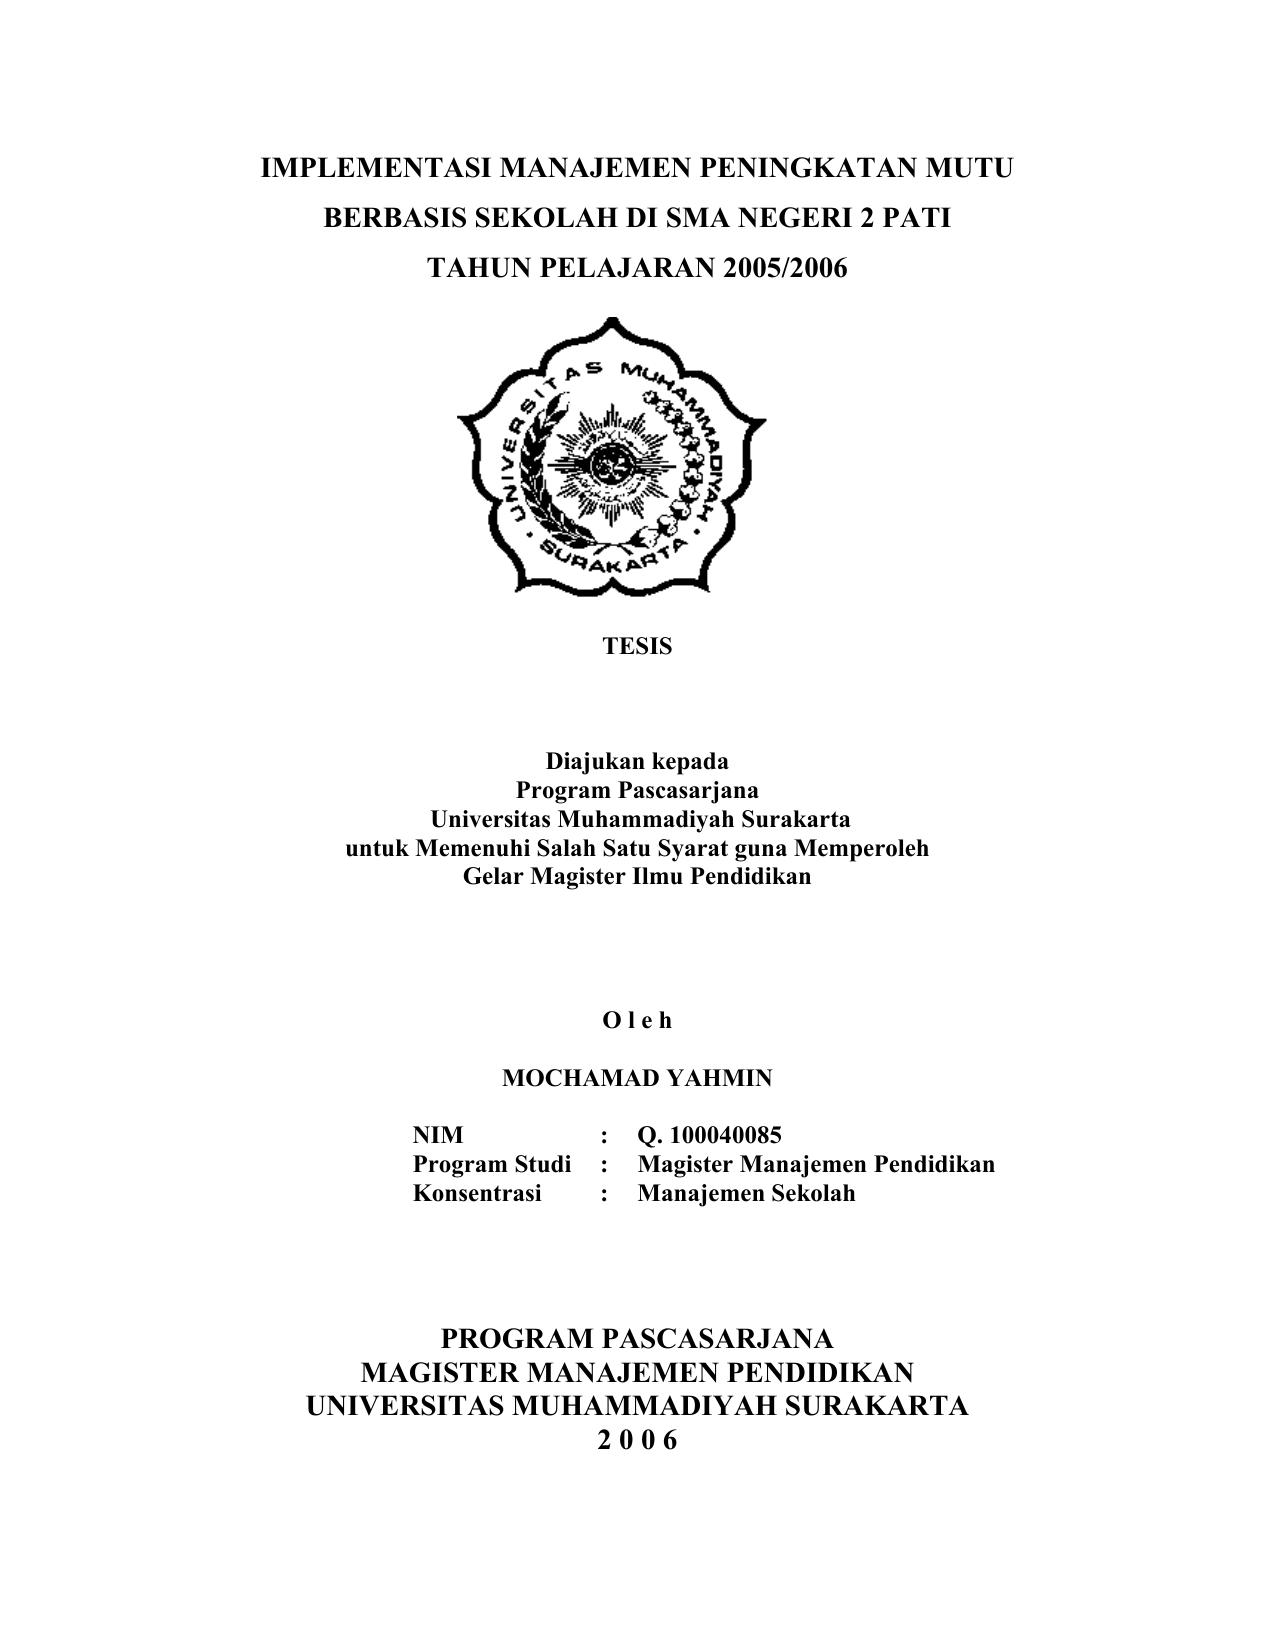 Contoh Soal Dan Materi Pelajaran 2 Contoh Tesis S2 Manajemen Pendidikan